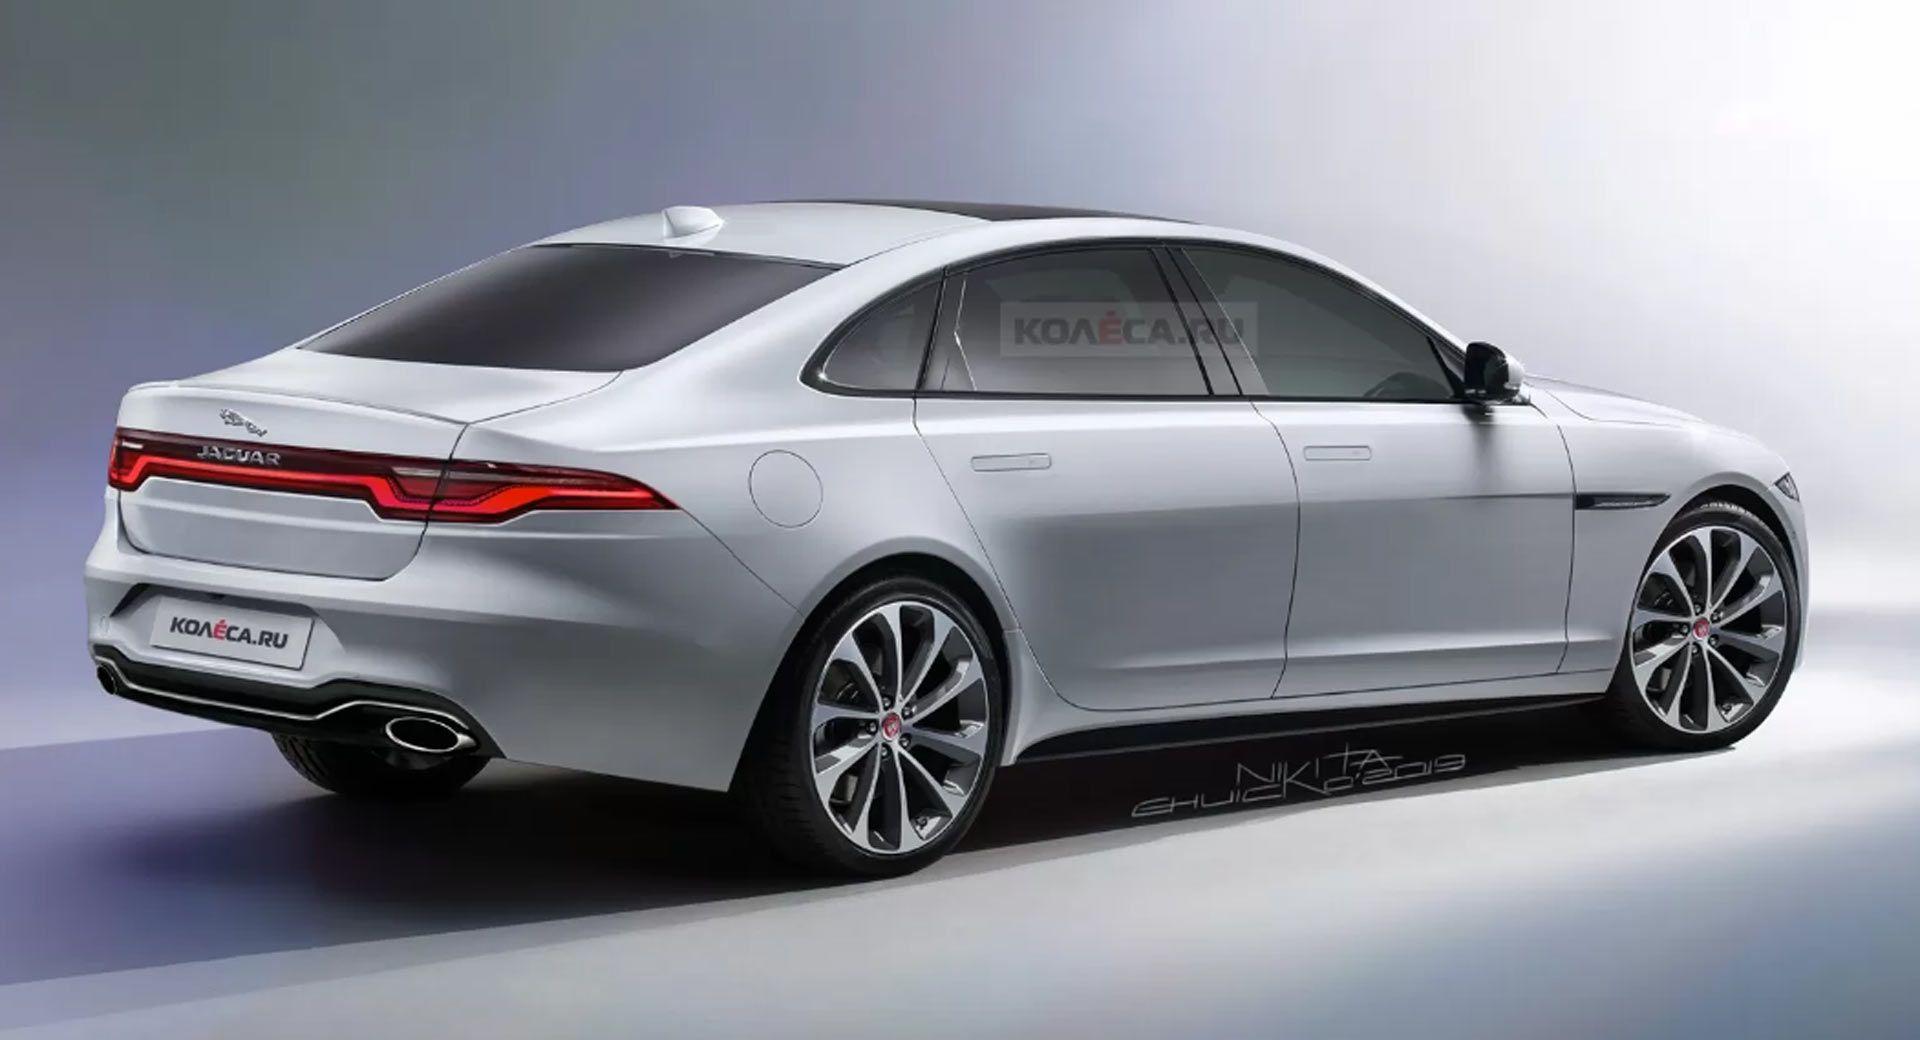 Konnte Der Brandneue Vollelektrische Jaguar Xj So Aussehen Aussehen Autodasalleinefahrt Autodasfliegenkann Autodasmitwasserf Jaguar Xj Jaguar Xe Jaguar